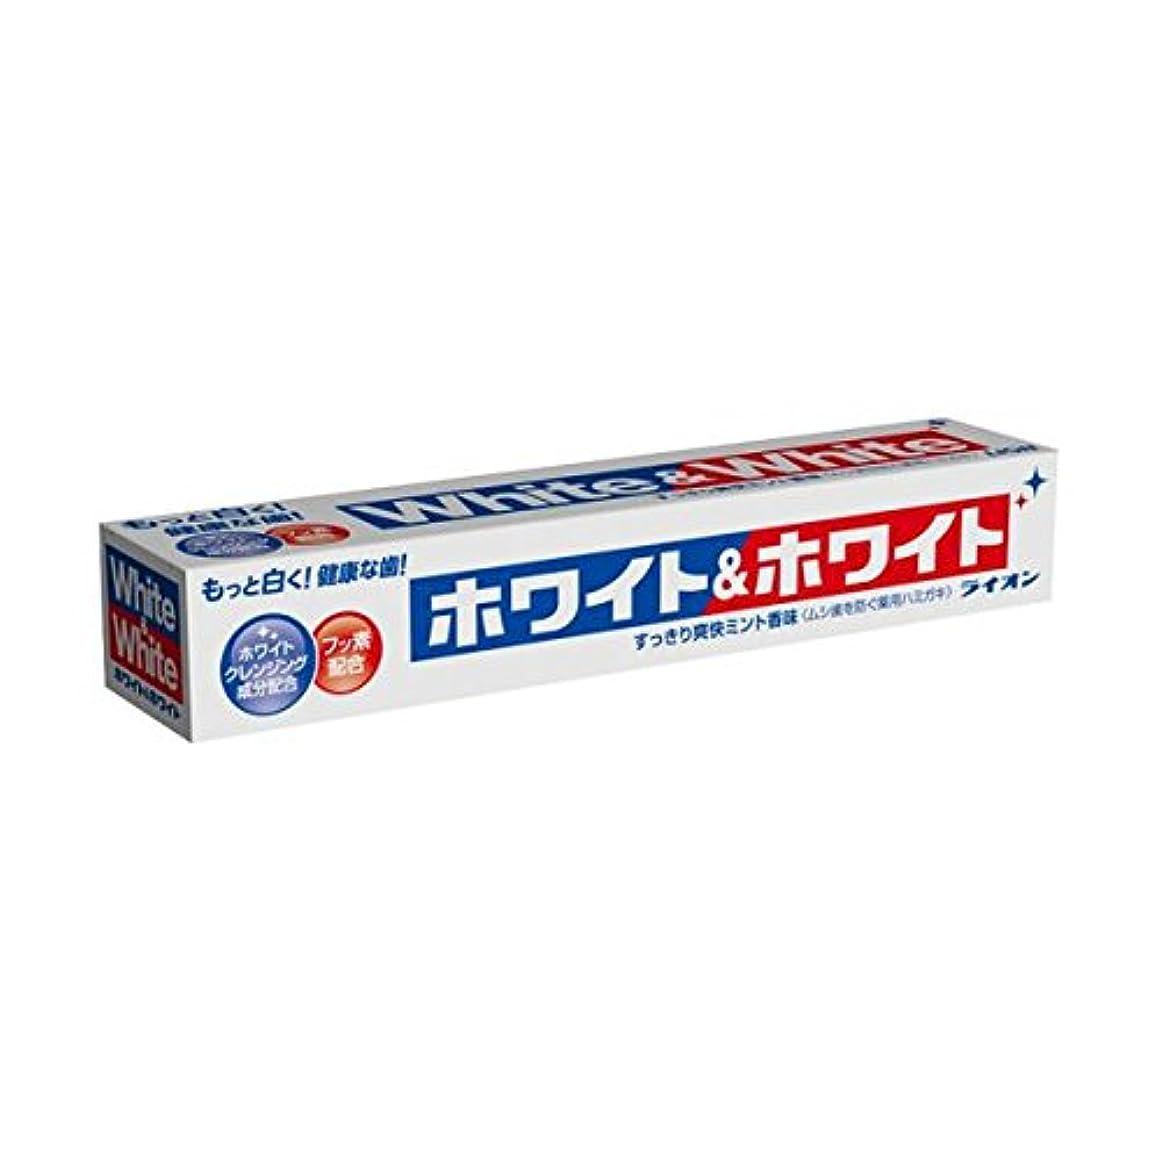 仲介者クランシー幻滅ホワイト&ホワイト 150g ×10個セット